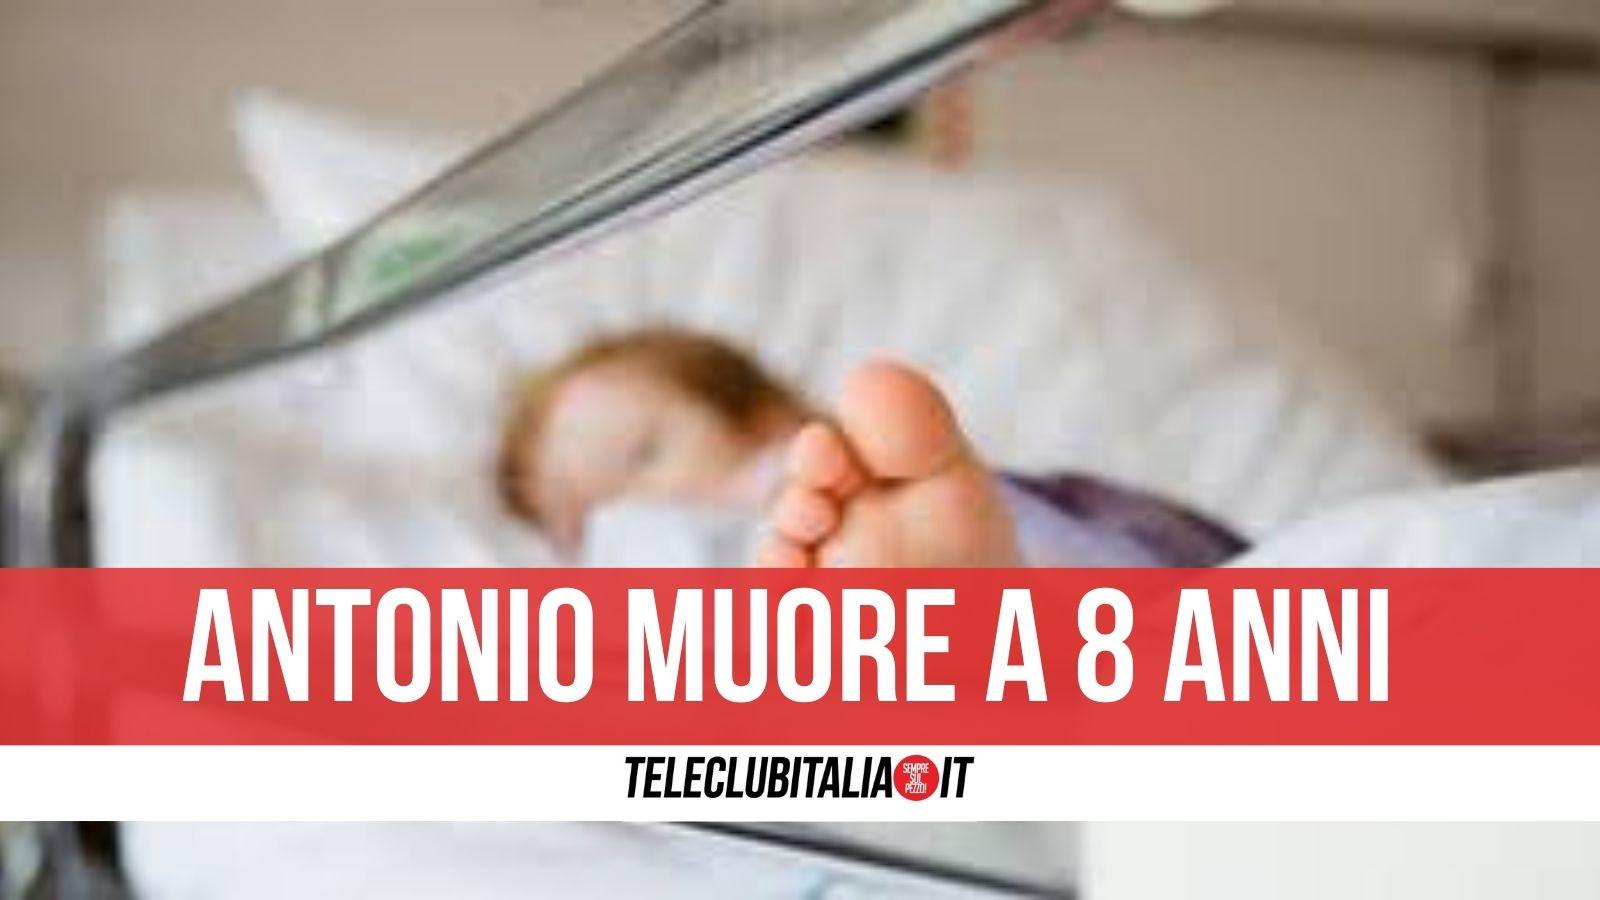 arienzo bimbo morto 8 anni